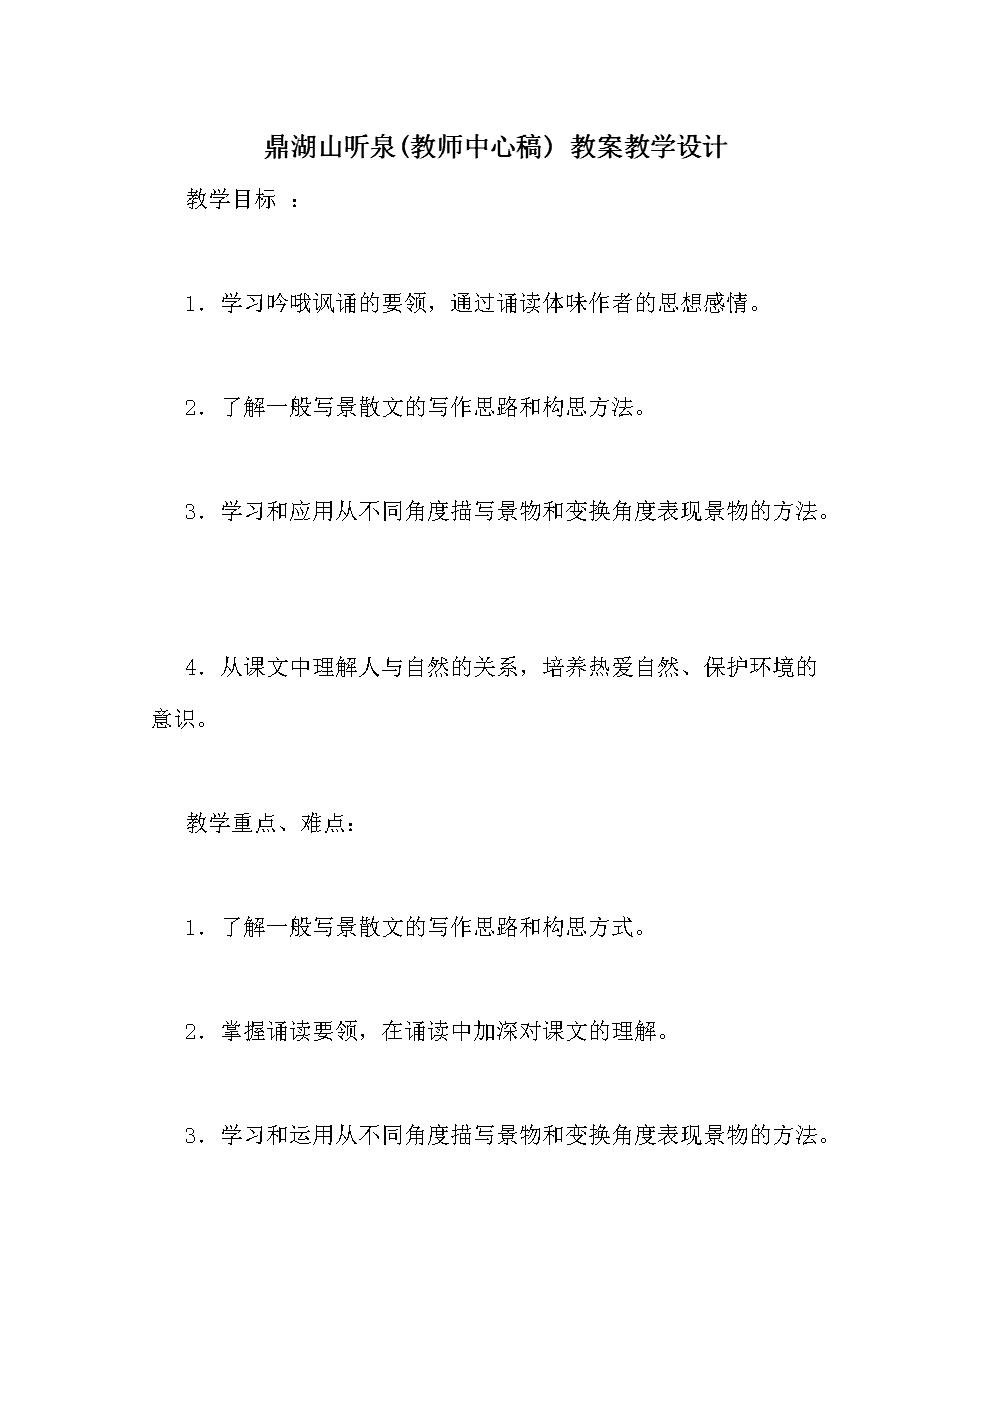 鼎湖山听泉(教师中心稿) 教案教学设计.doc